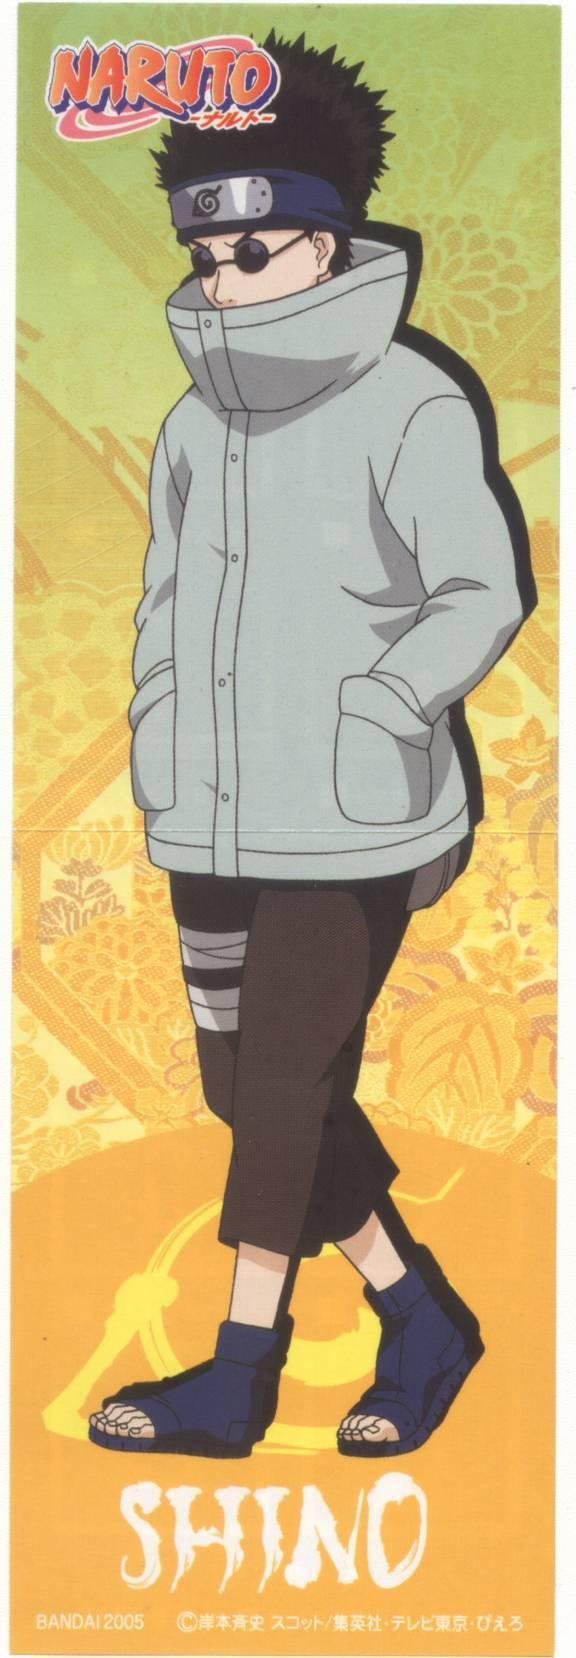 Shino - Naruto Photo (19684329) - Fanpop